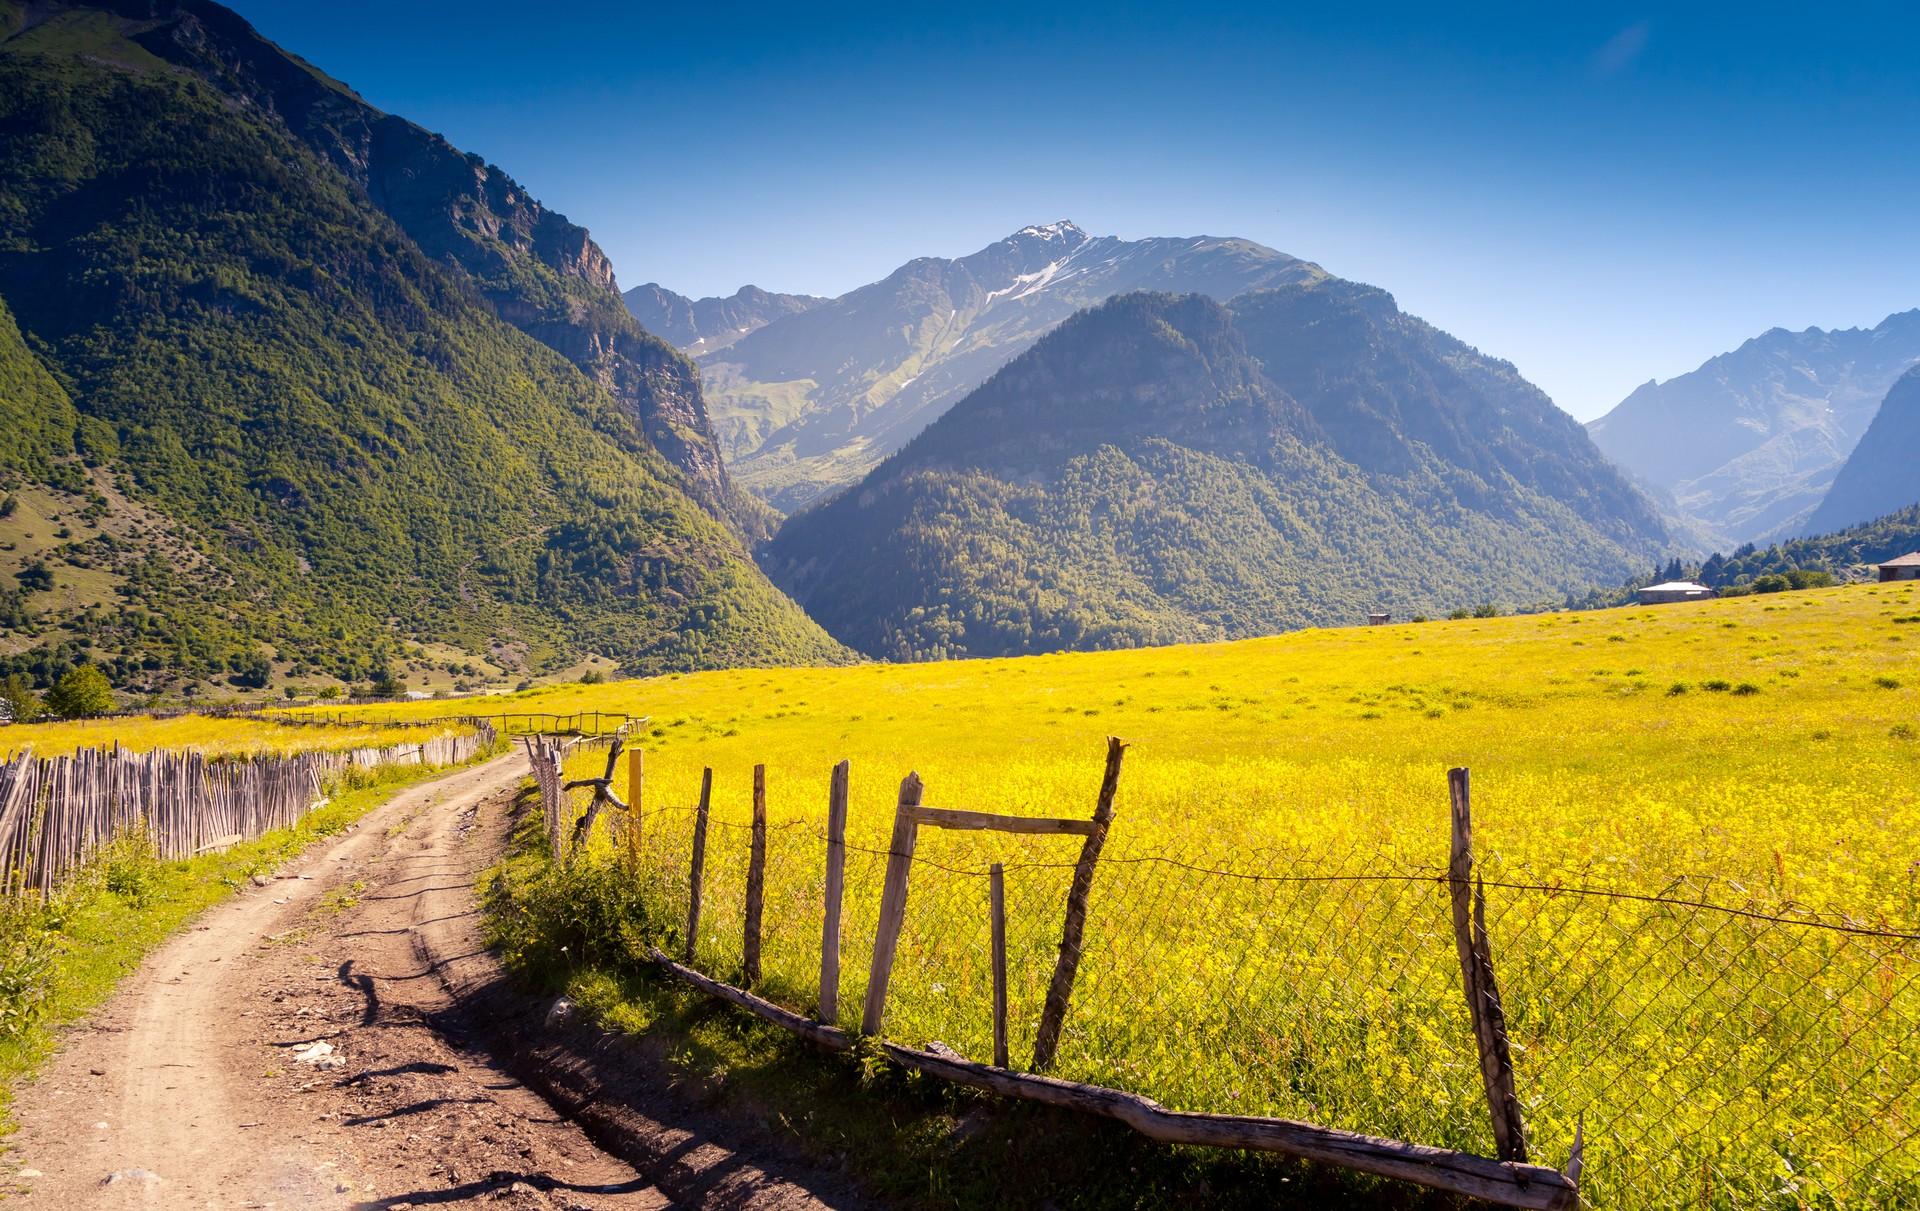 The yellow fields of the Svaneti region